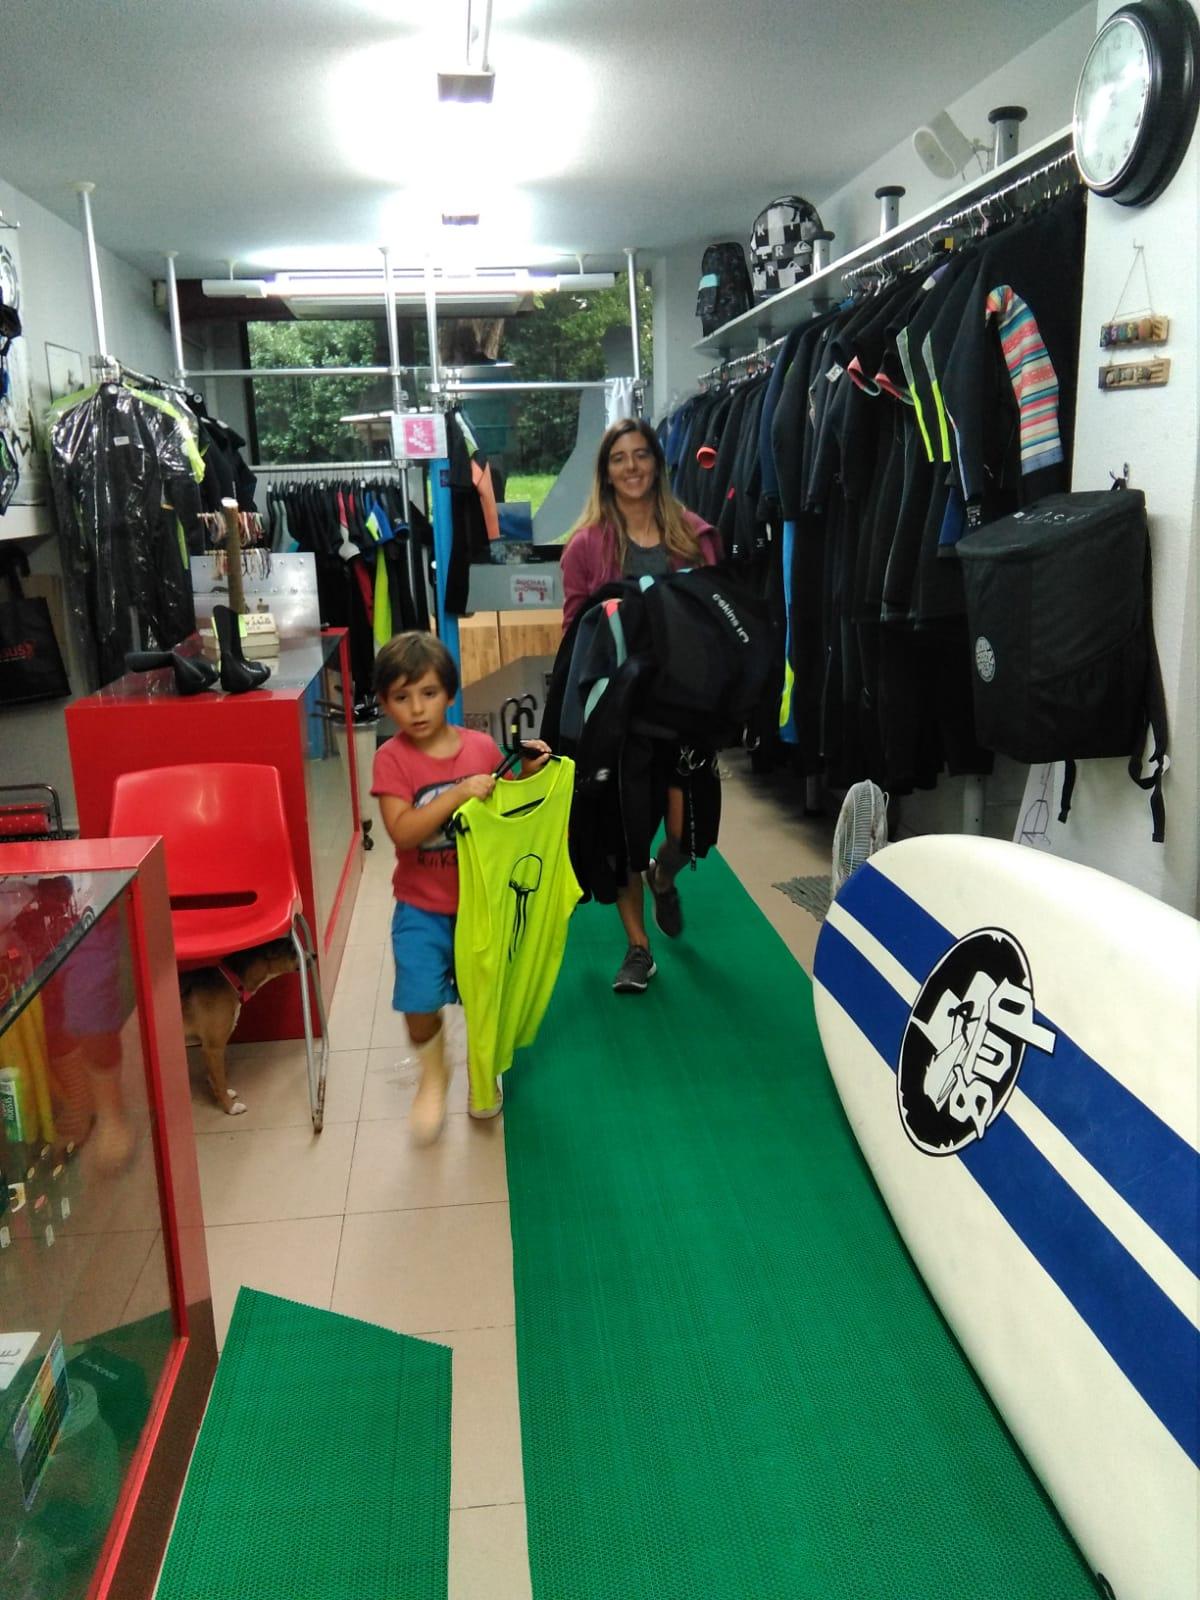 Cursos de suf para familias, Essus escuela de surf en Zarautz